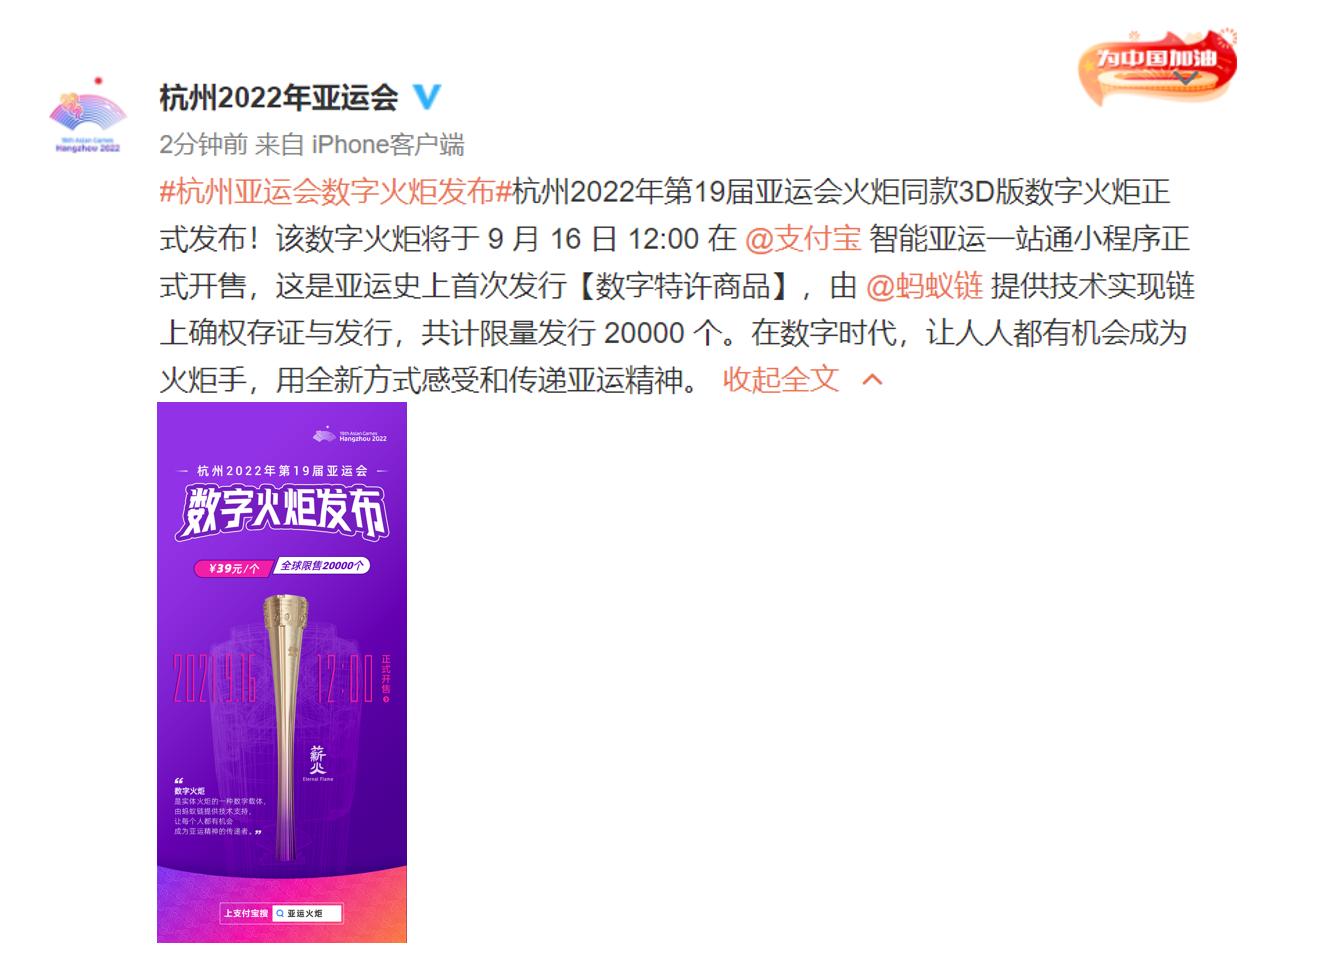 杭州亚运会3D版数字火炬发布,让更多人以新方式参与亚运